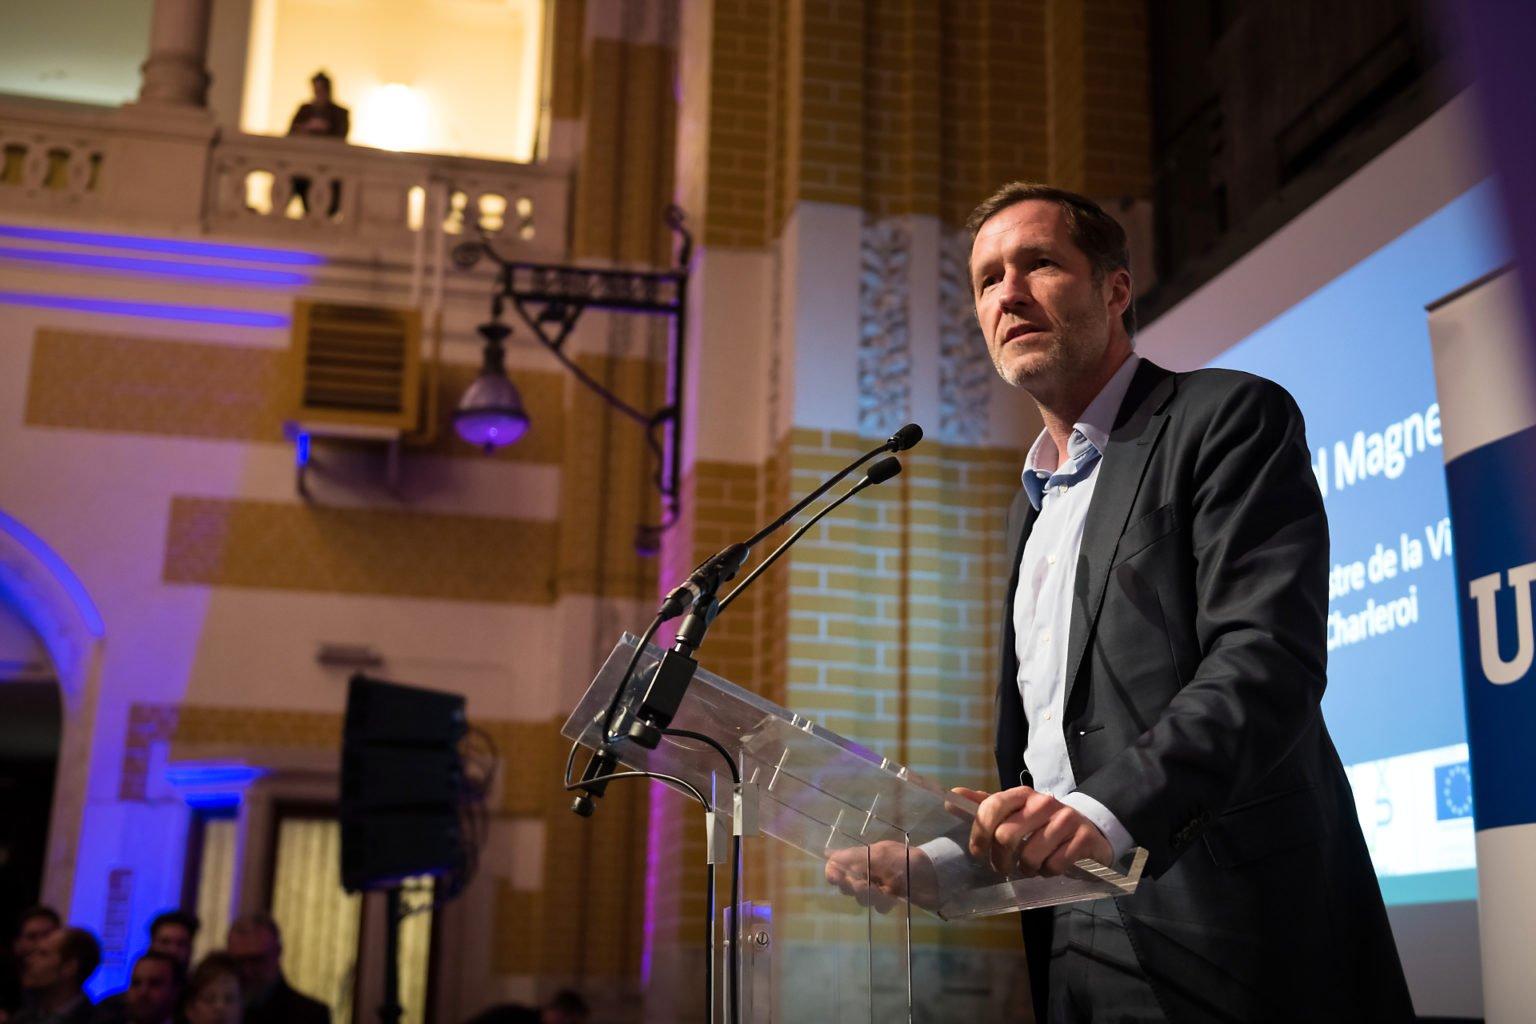 Discours de Paul magnette, Bourgmestre de Charleroi lors de l'inauguration du FabLab de Charleroi, événement d'entreprise par Aurore Delsoir photographe d'entreprise à Bruxelles et en Wallonie